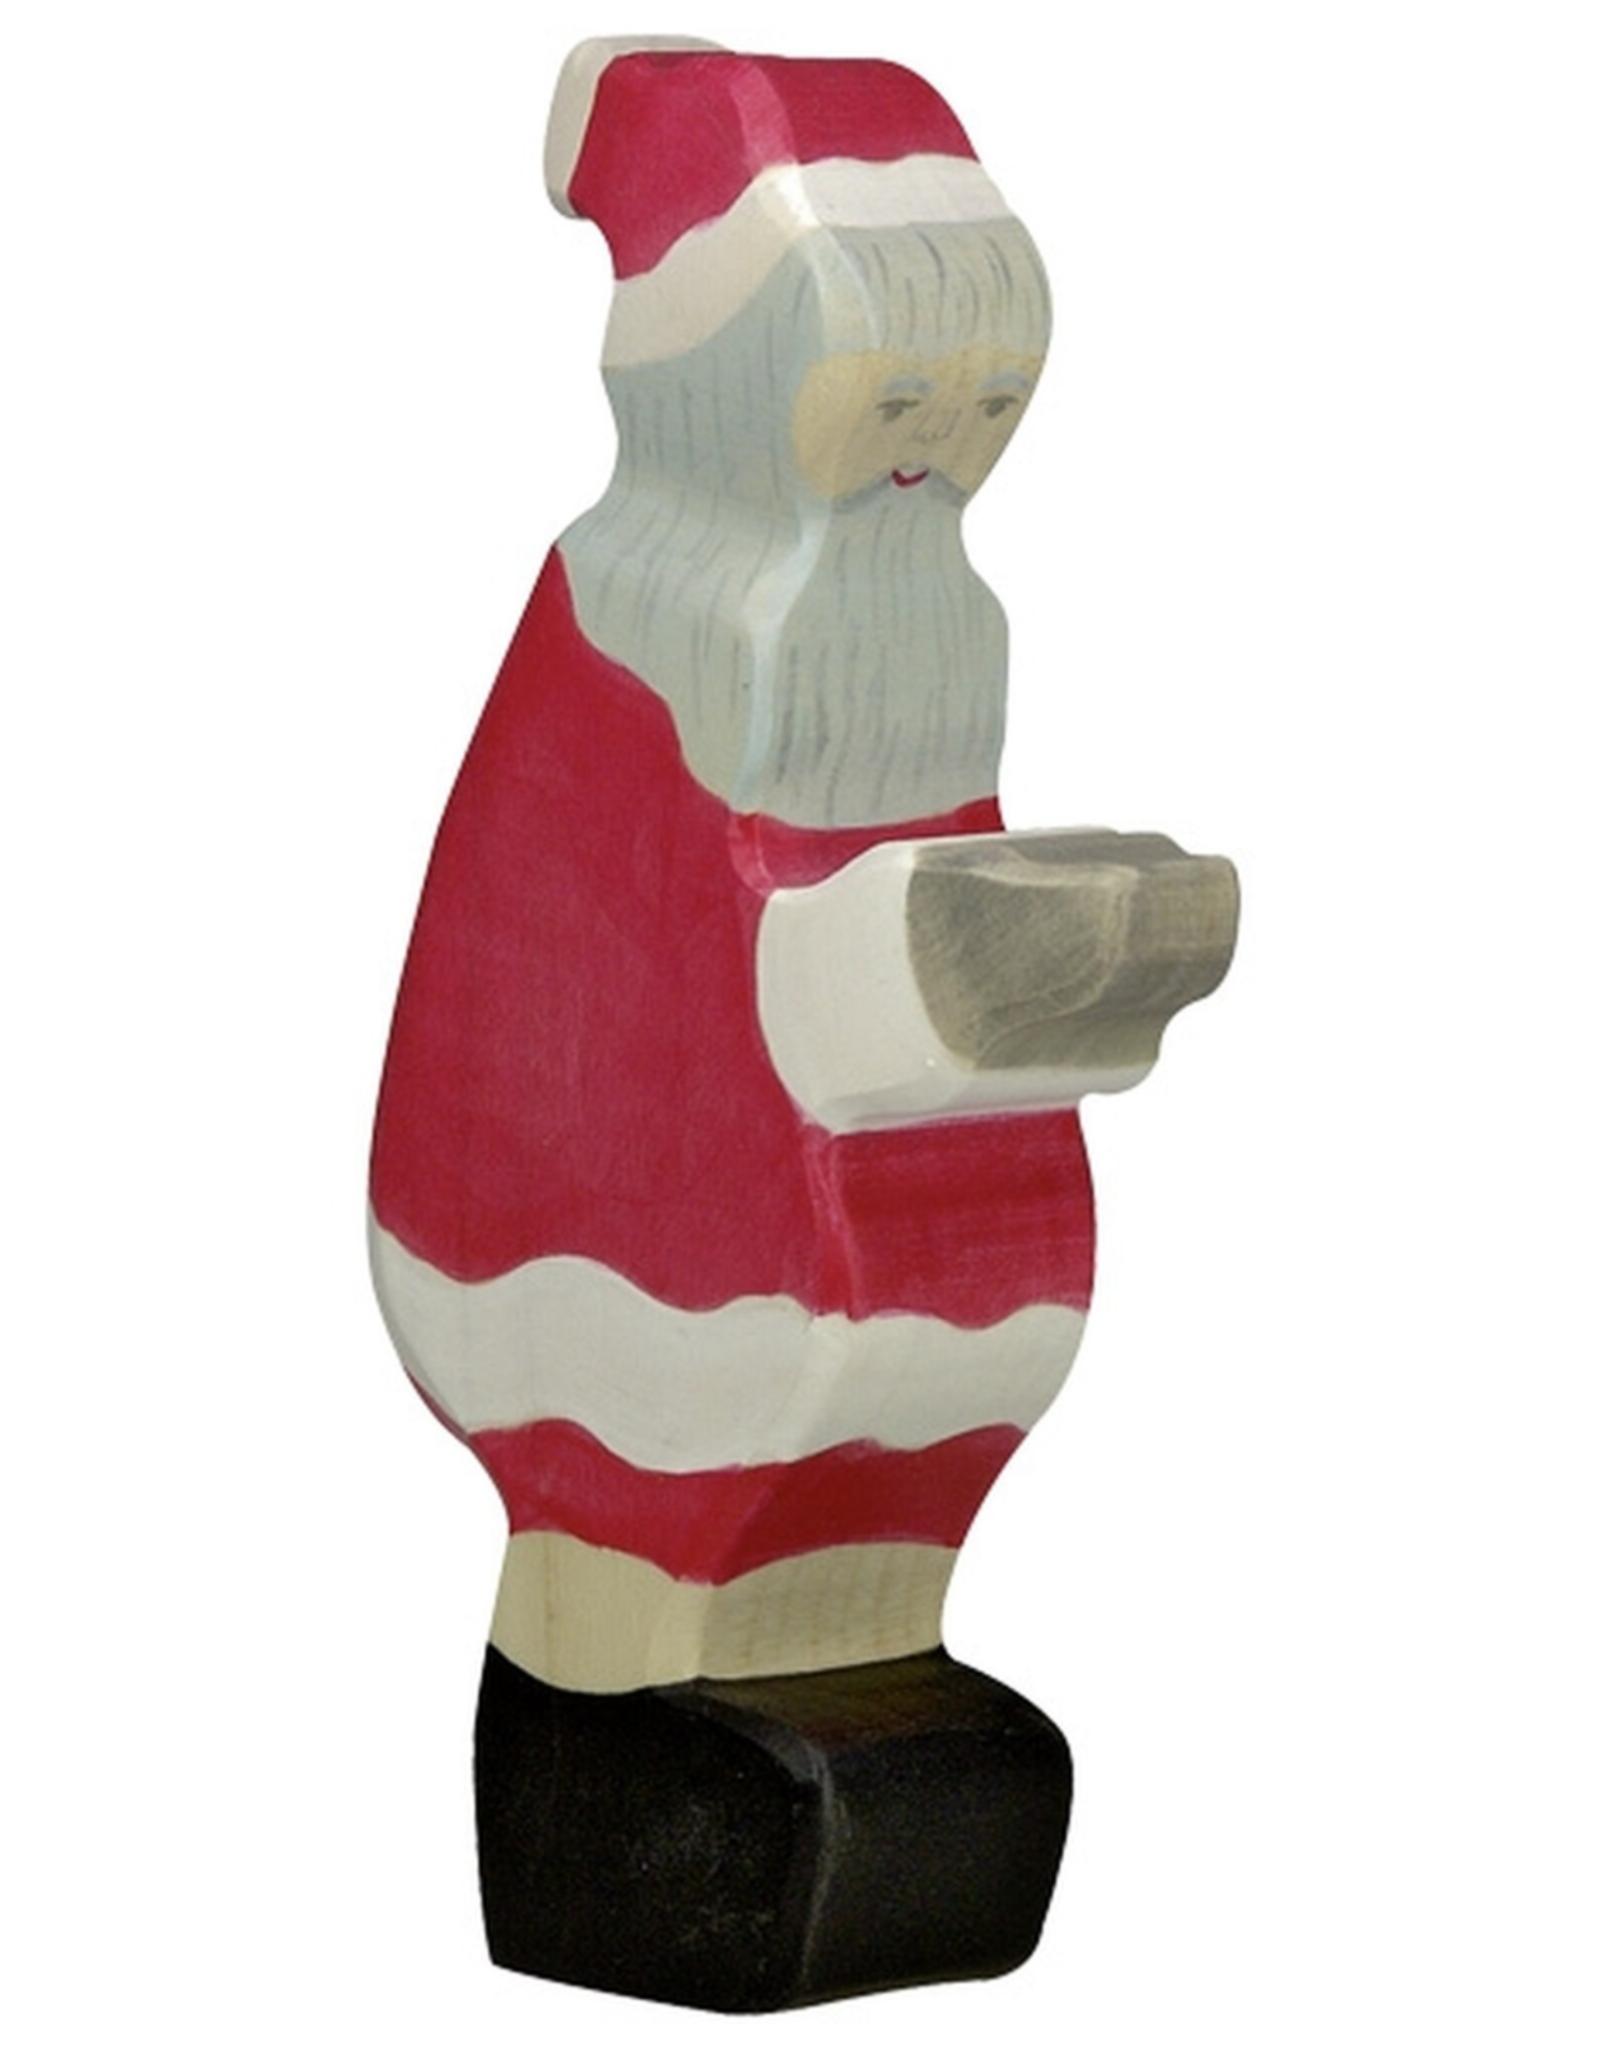 Holztiger Santa Claus